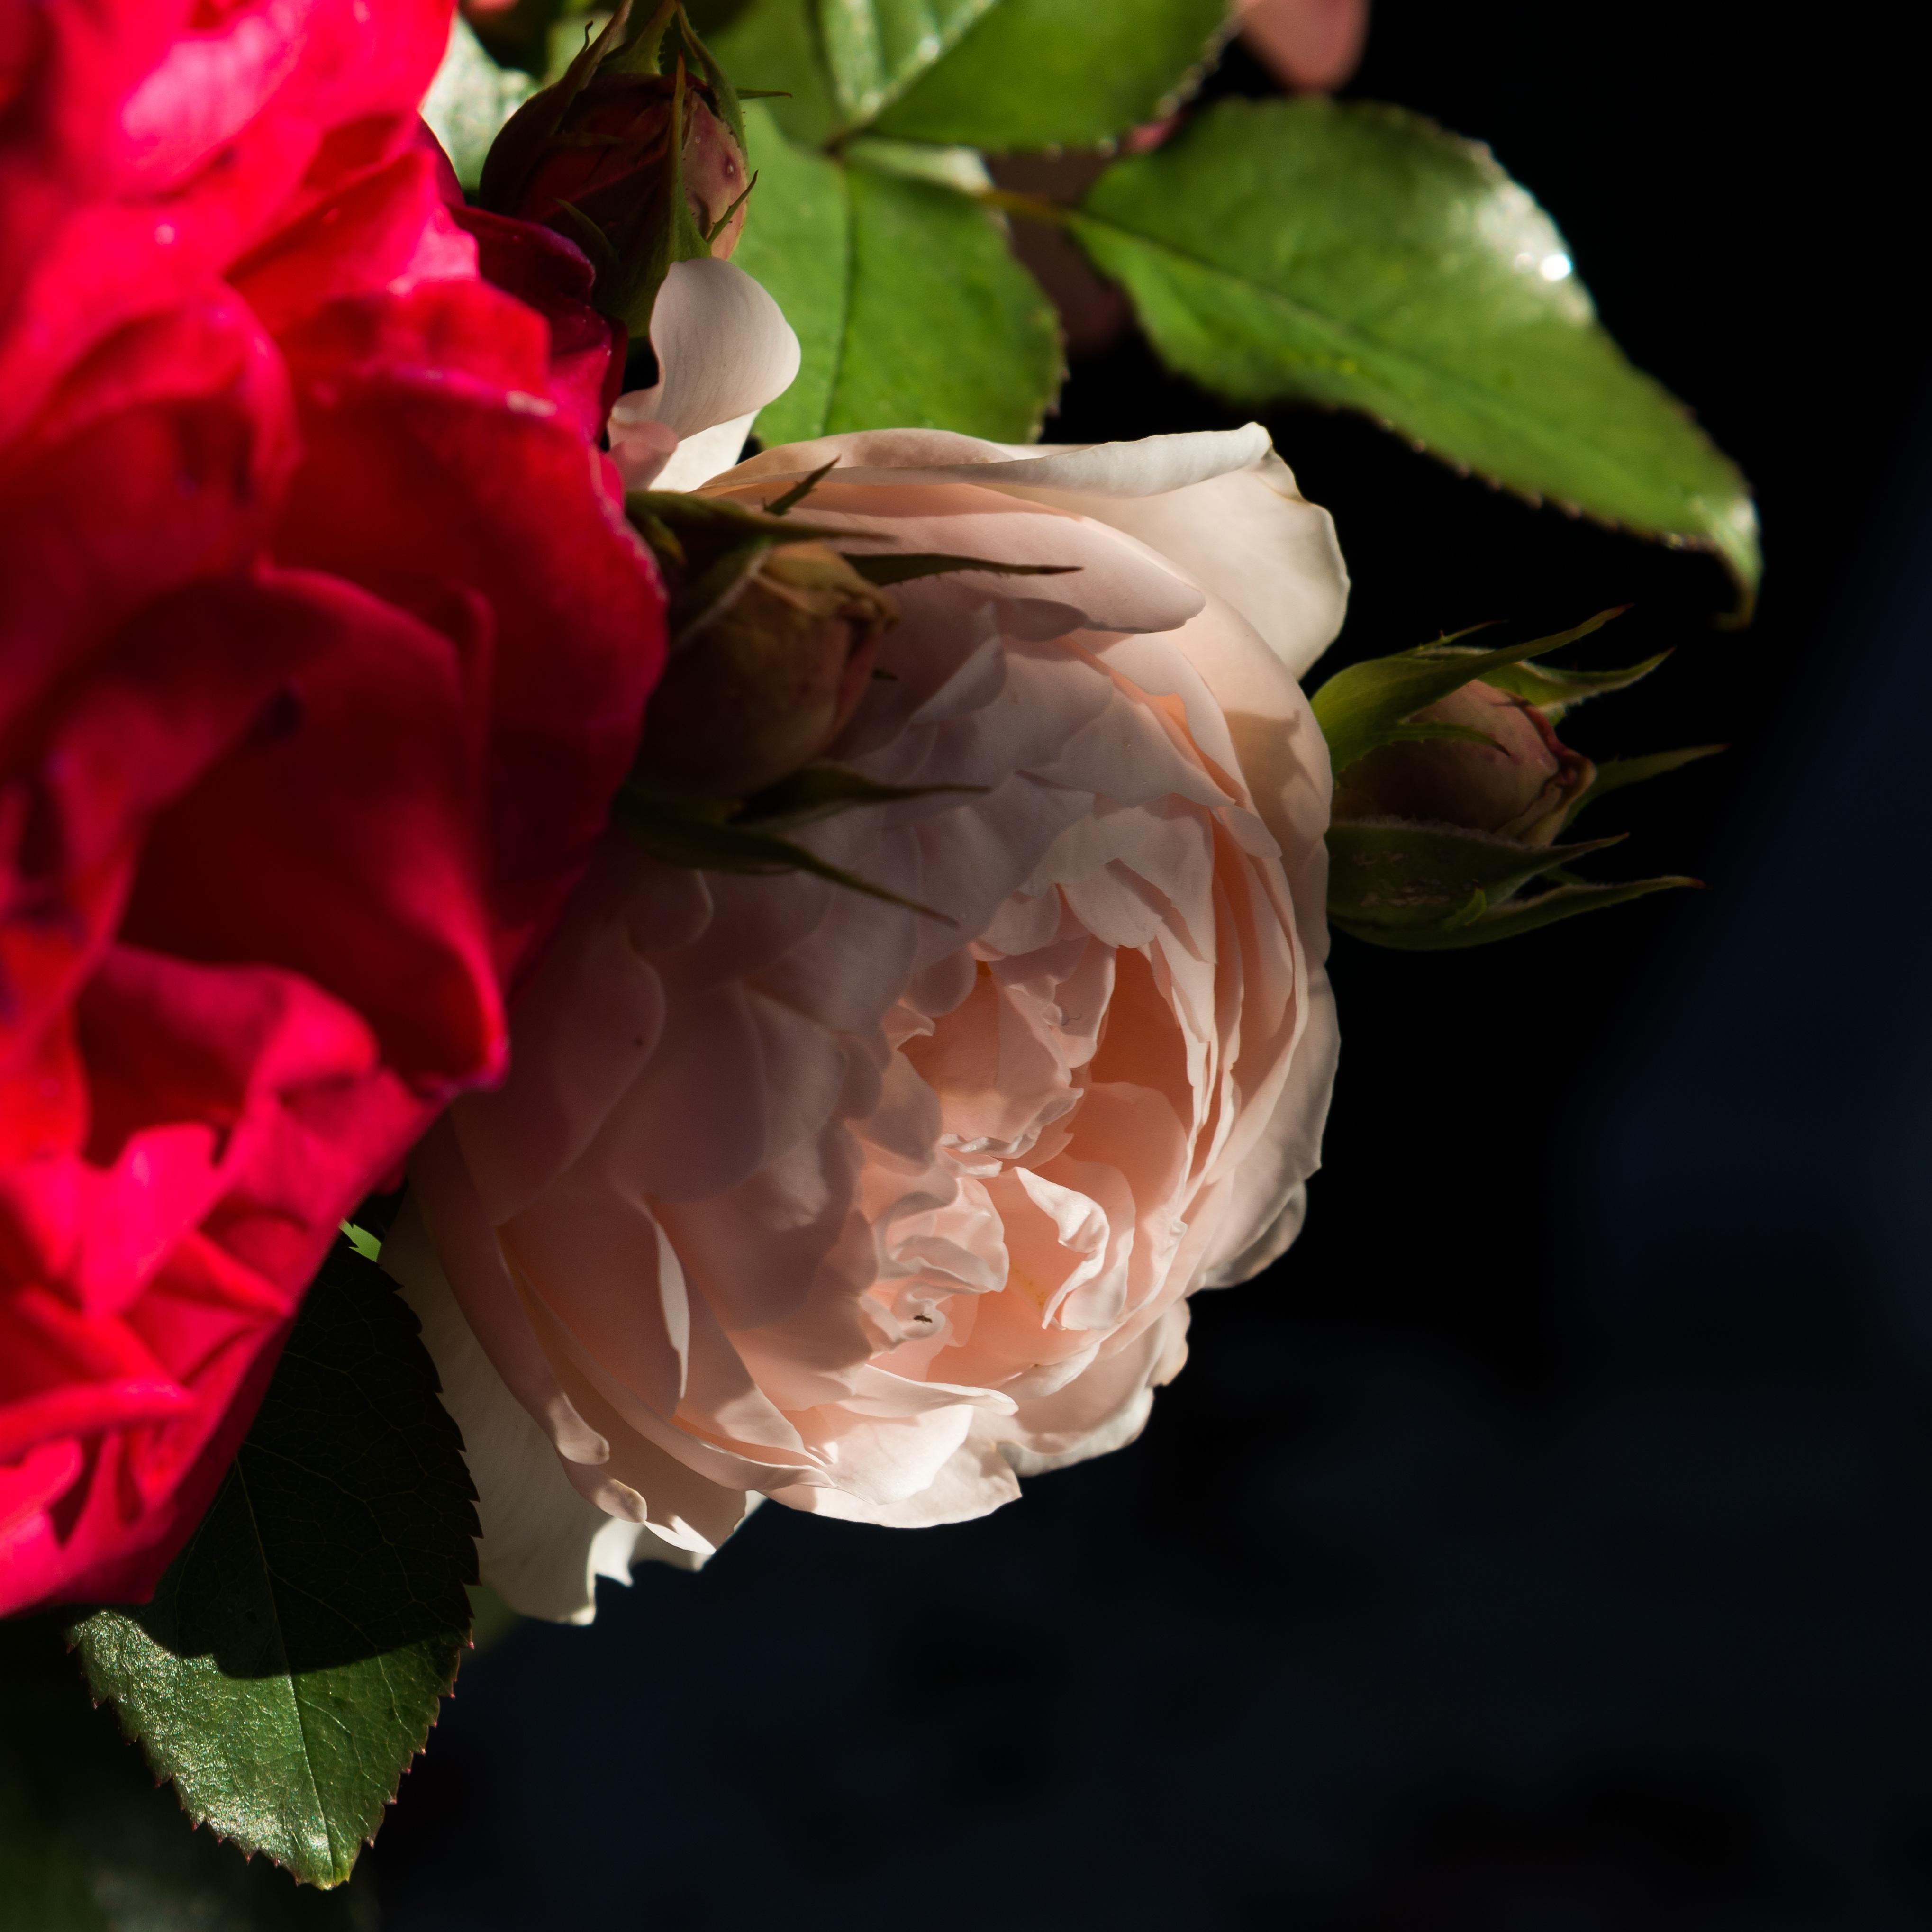 Free Images Nature Blossom Leaf Flower Petal Gift Pink